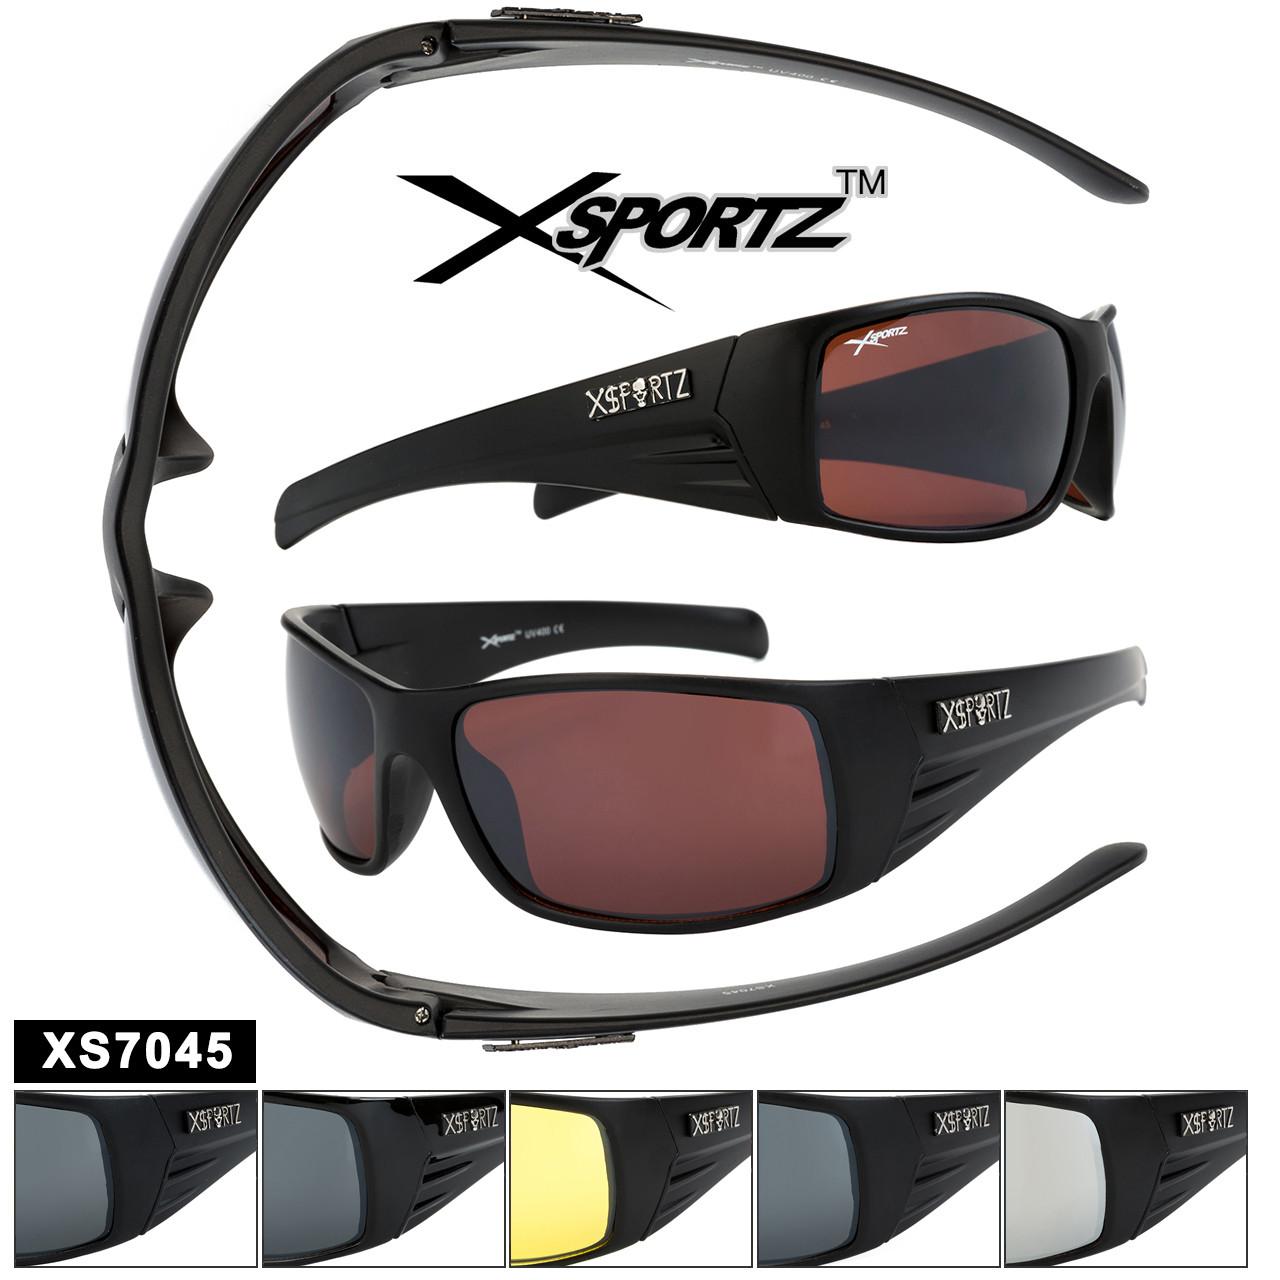 Wholesale Sports Sunglasses - Style XS7045